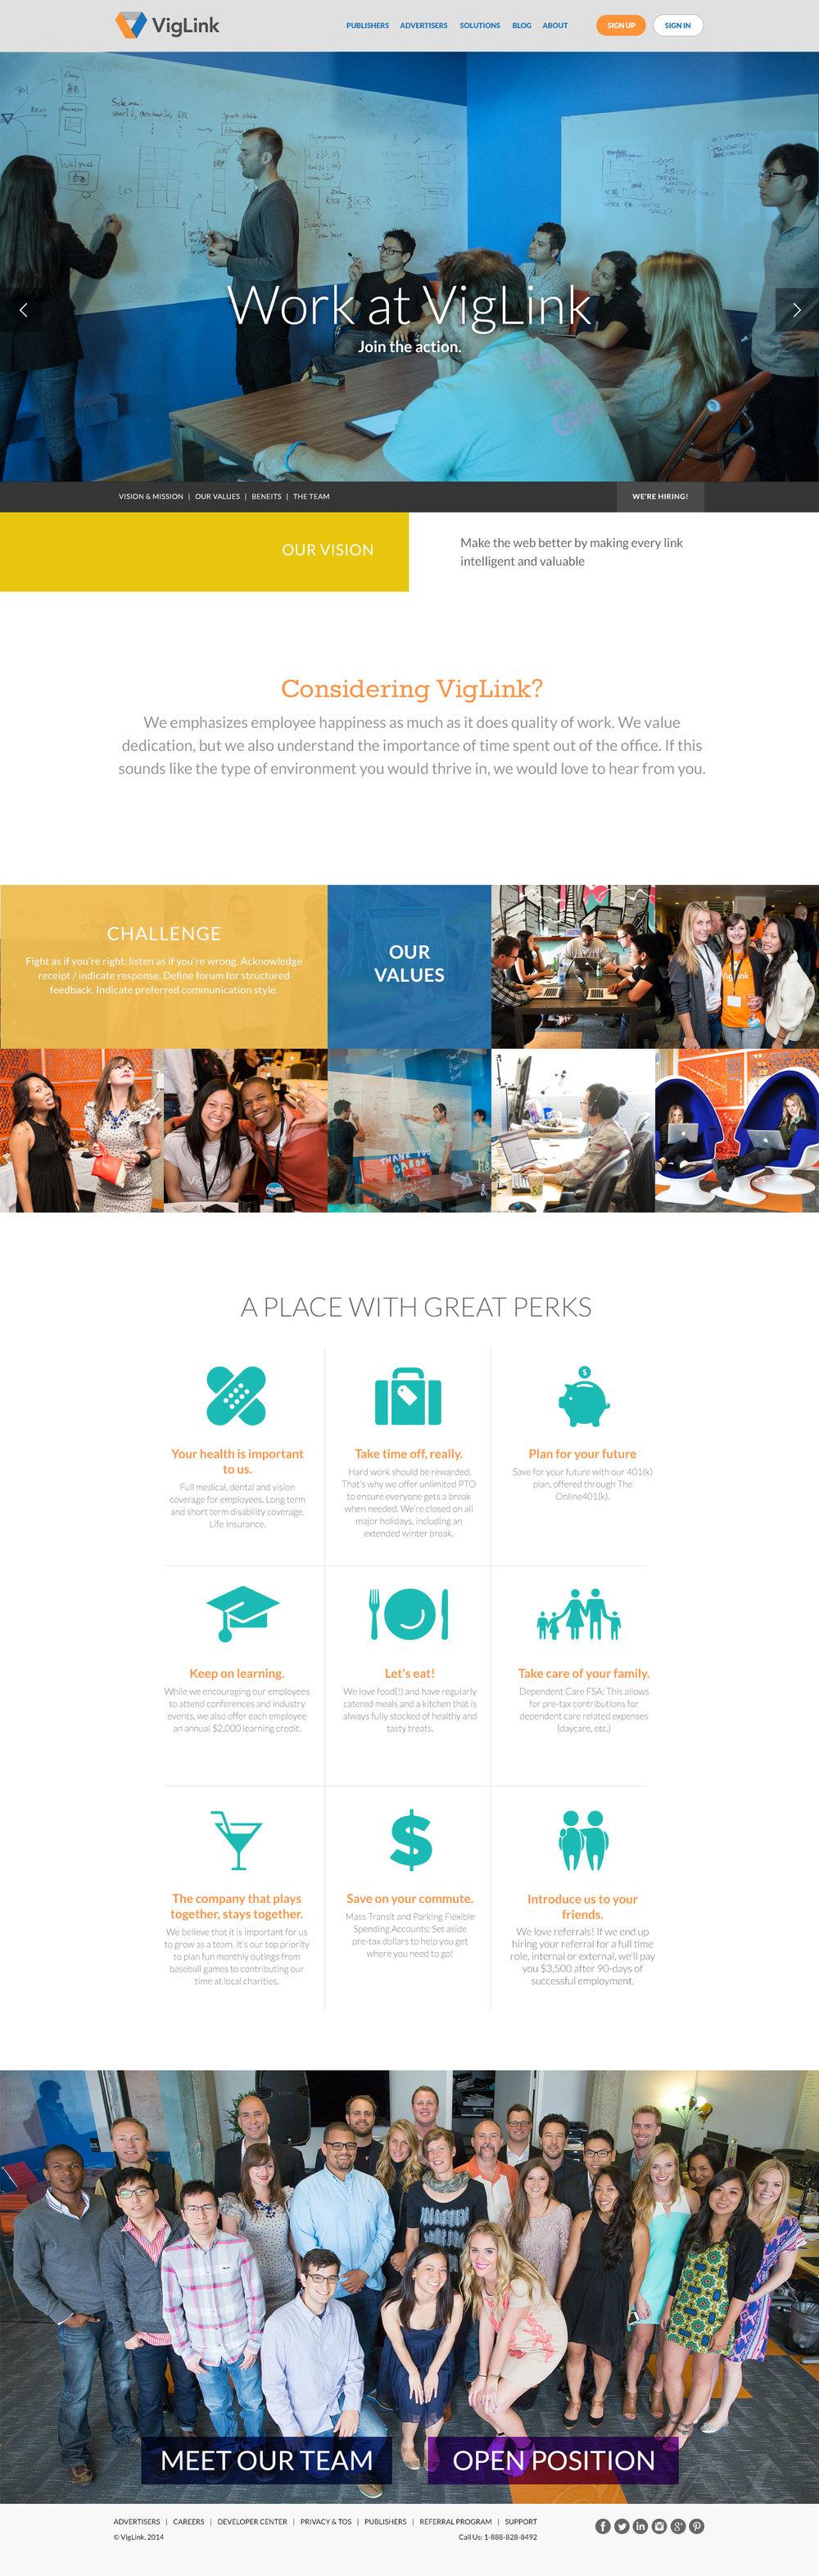 viglink-website-work.jpg